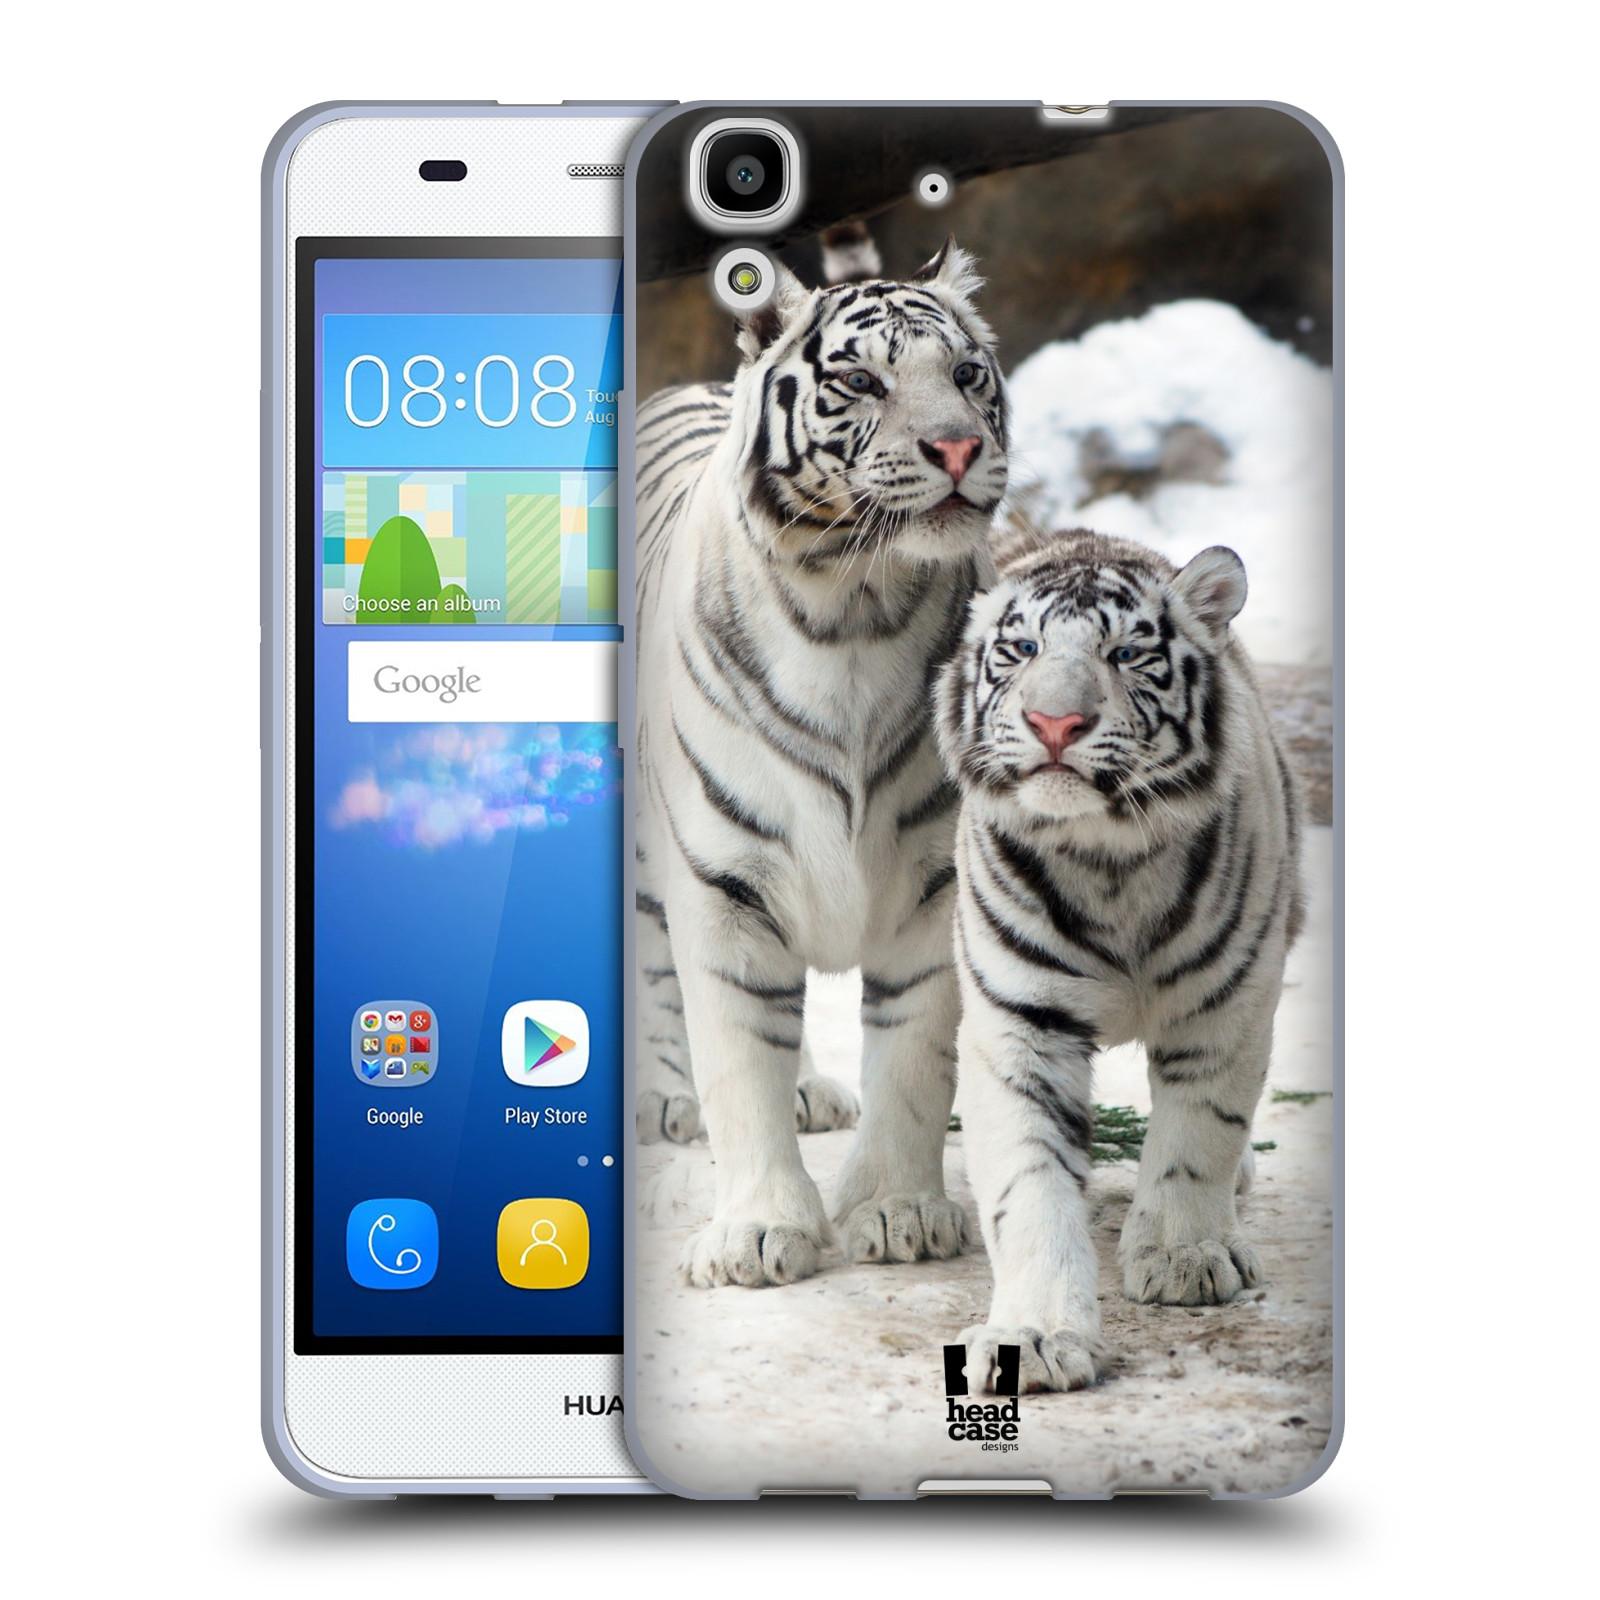 HEAD CASE silikonový obal na mobil HUAWEI Y6 vzor slavná zvířata foto dva bílí tygři